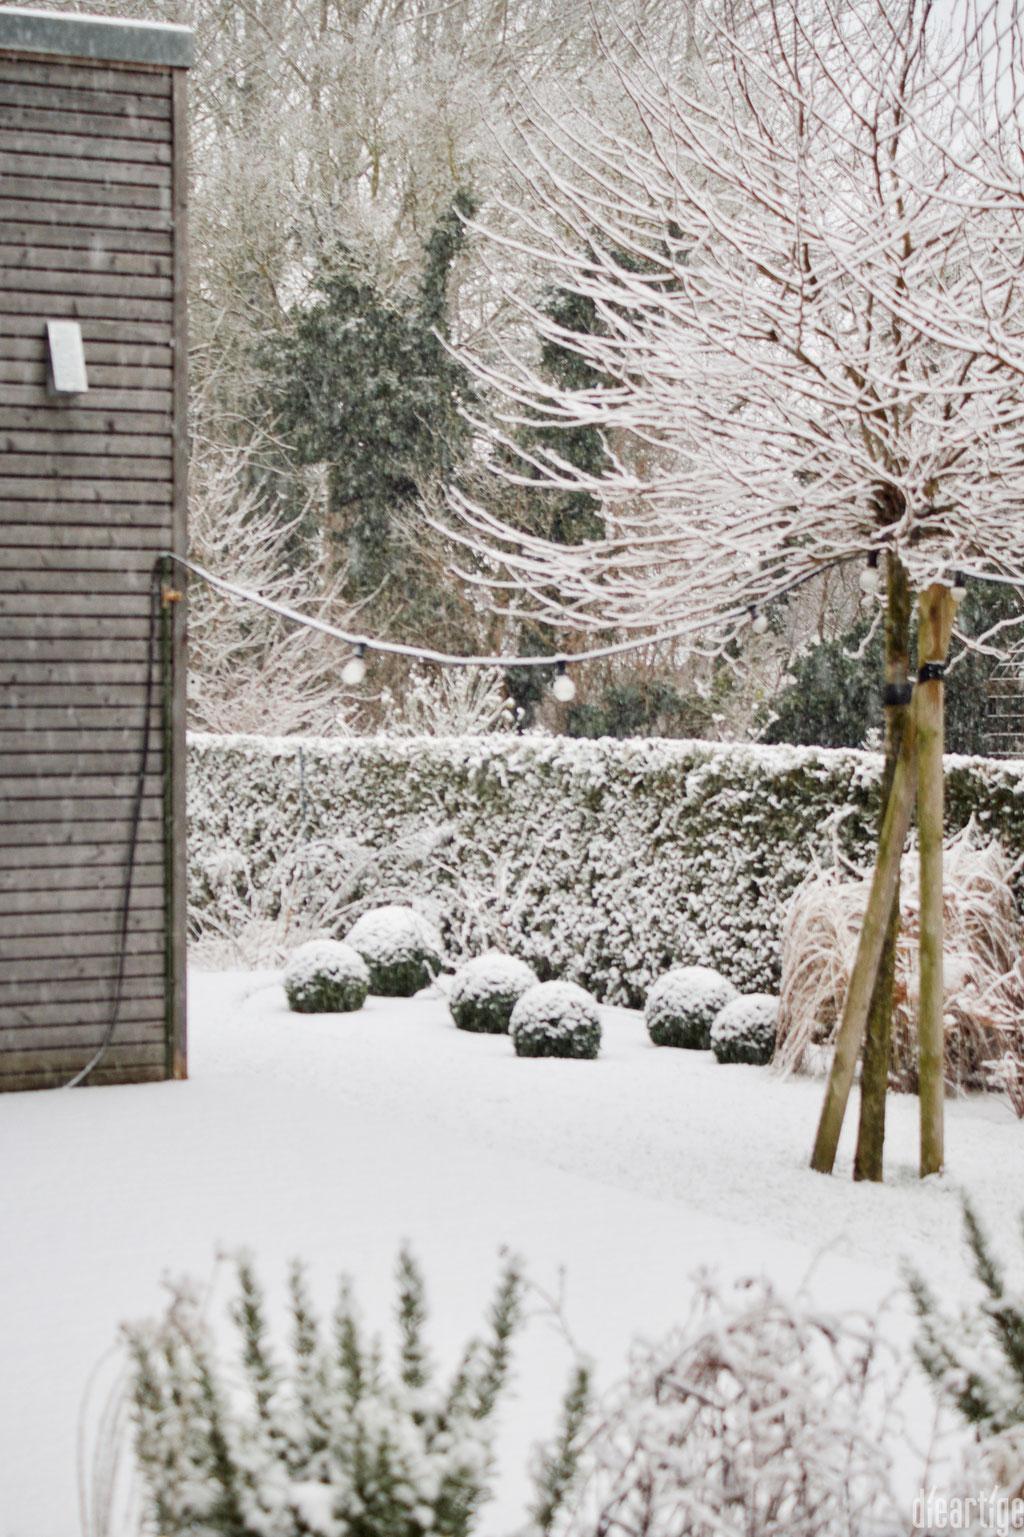 dieartigeBLOG - Schnee im Wintergarten, Platanen + Buchs